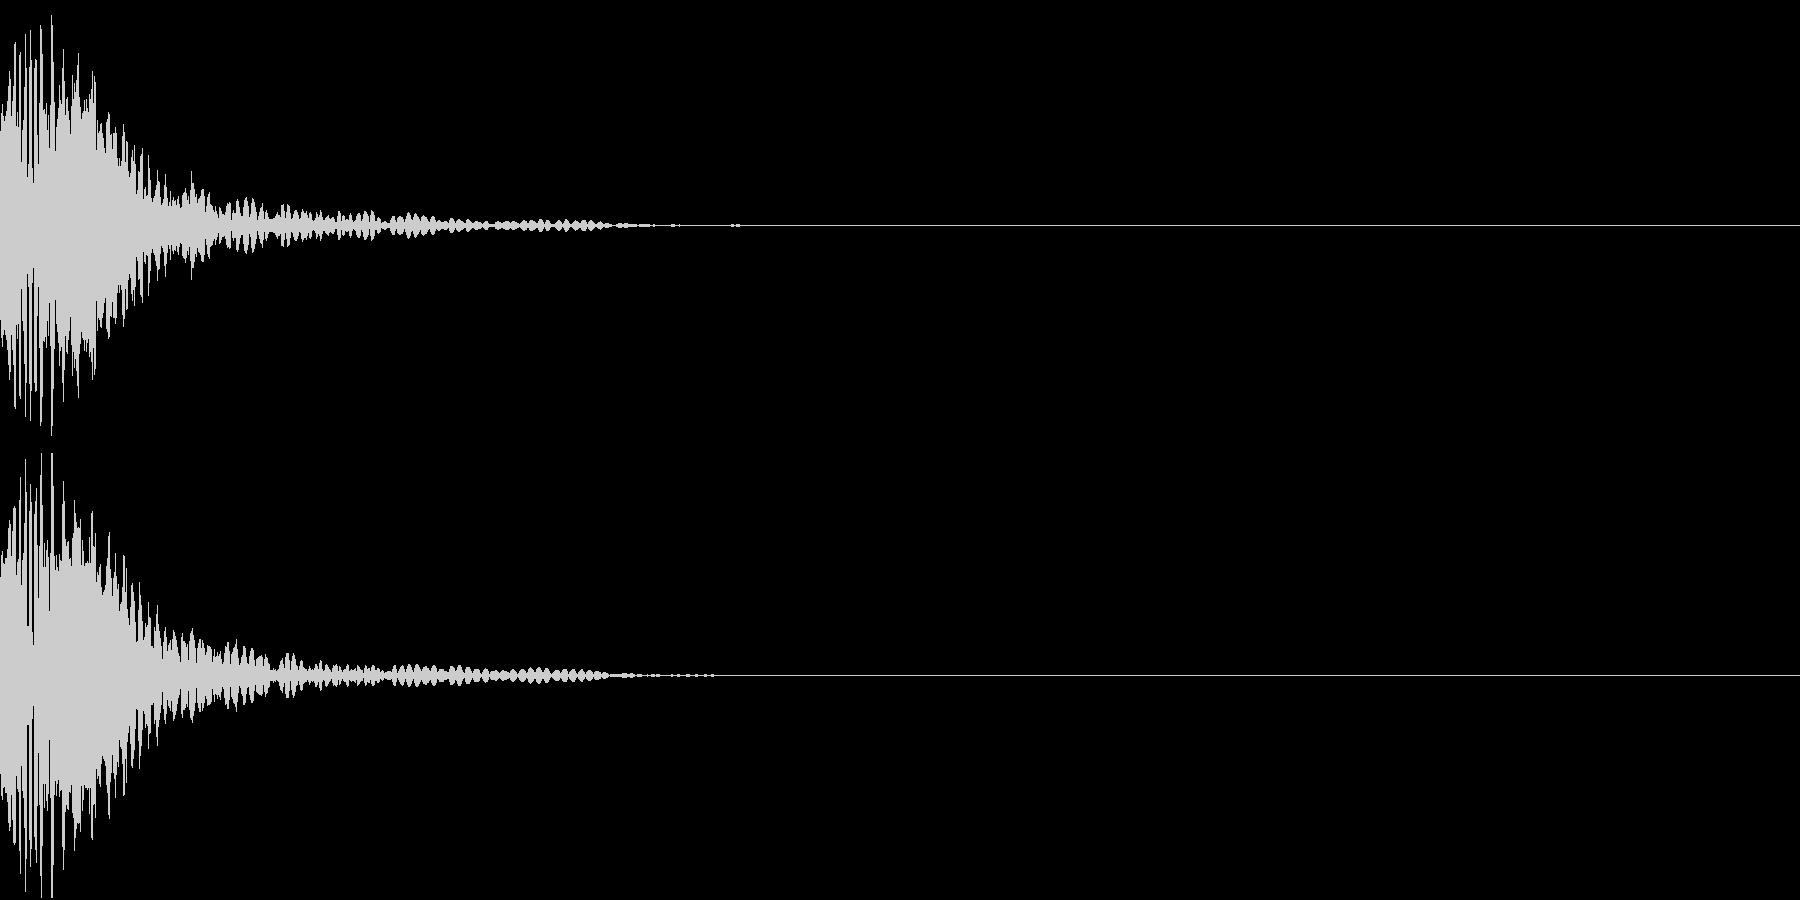 KAKUGE 格闘ゲーム戦闘音 39の未再生の波形